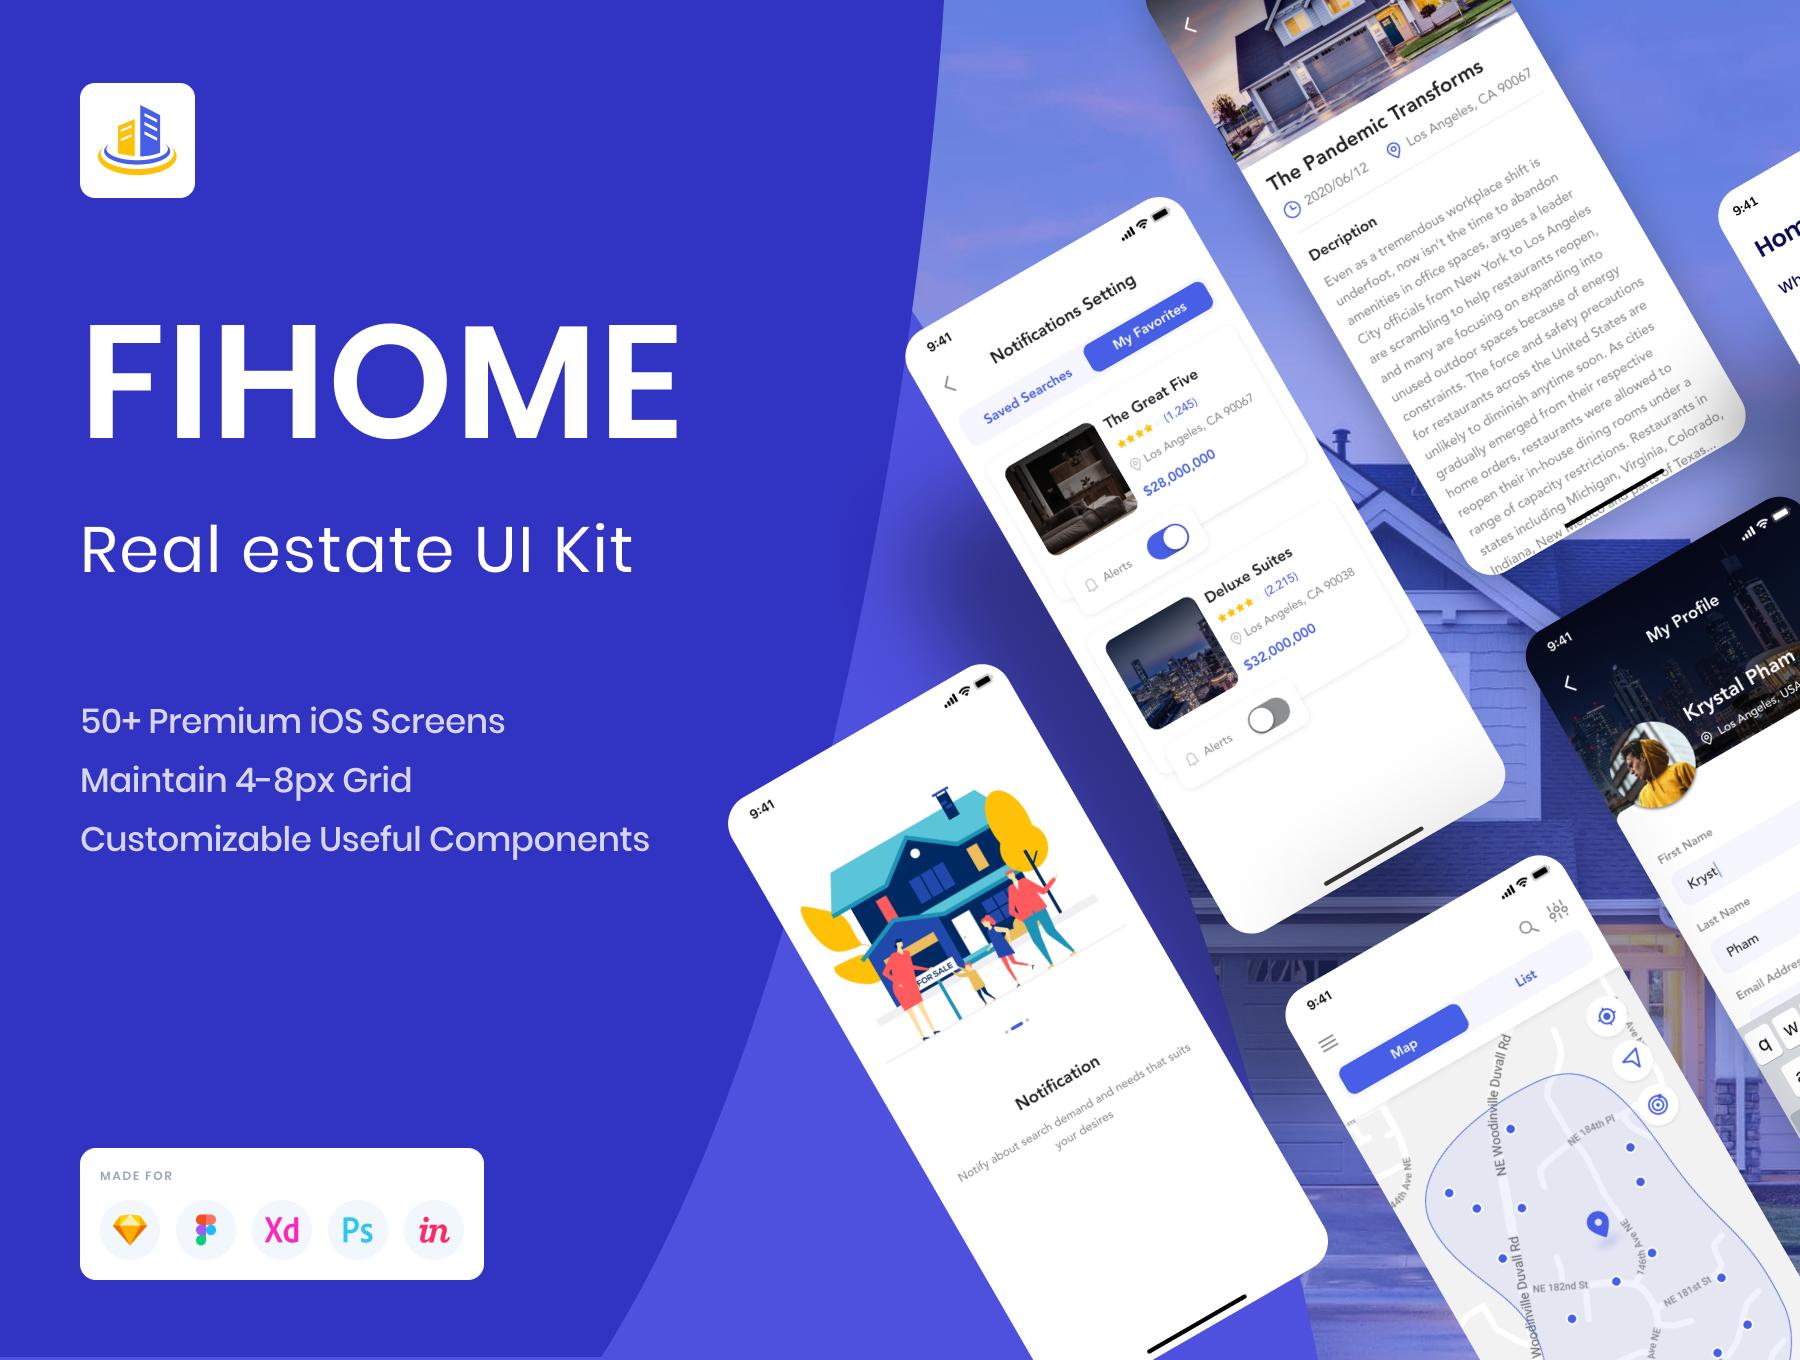 房地产房屋在线租赁销售应用APP UI套件 FiHome – Real estate UI Kit插图